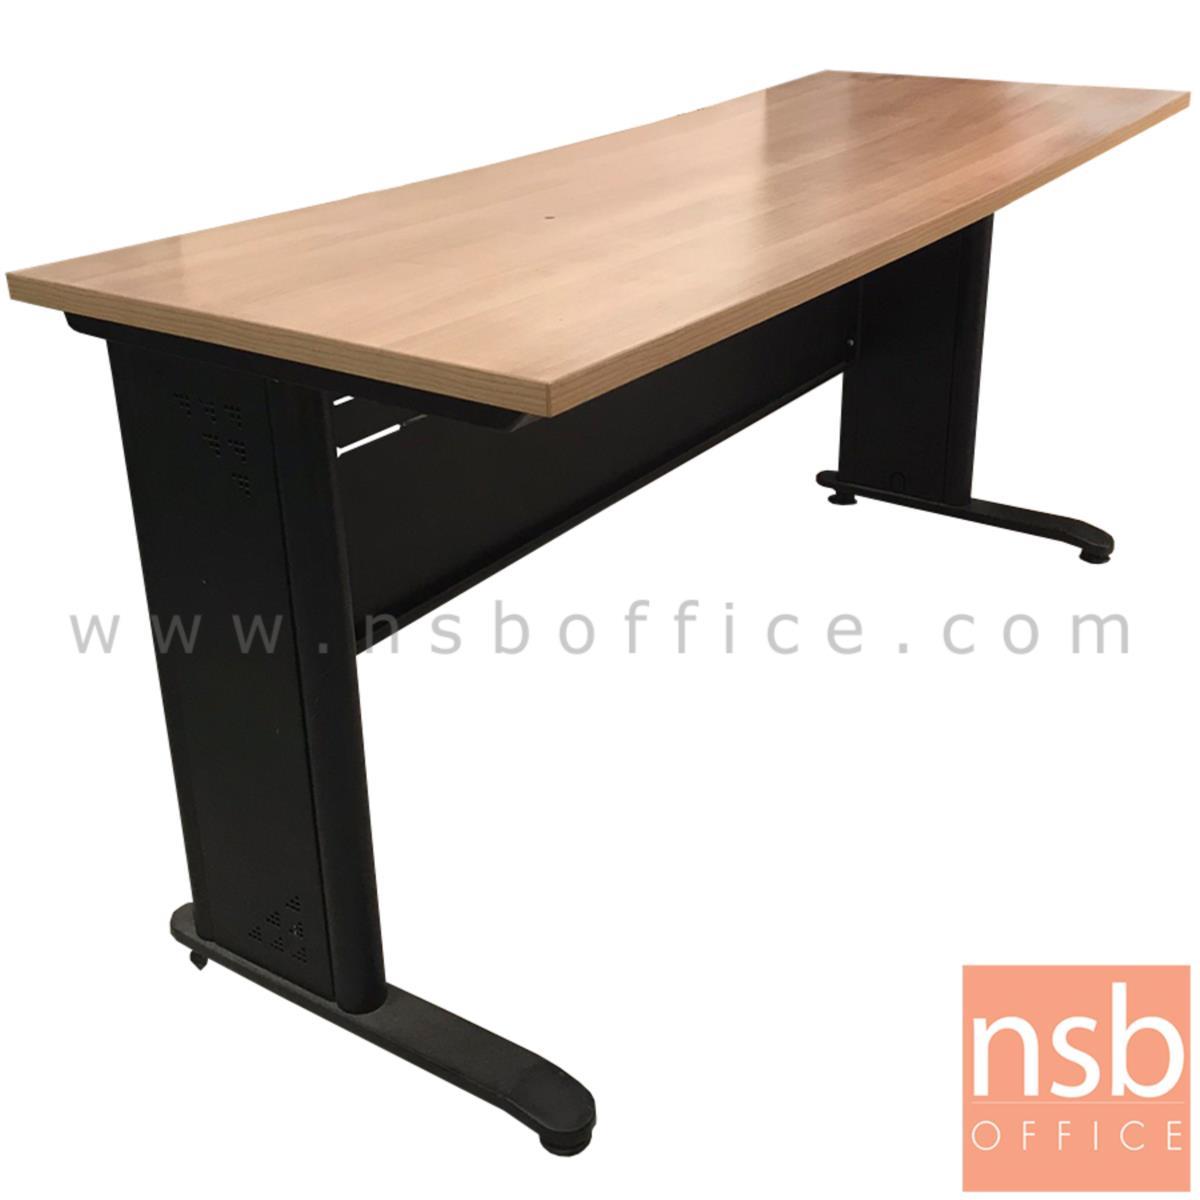 L10A198:โต๊ะทำงานโล่ง บังตาเหล็ก  ขนาด 160W*76H cm. ขาเหล็กพ่นดำ